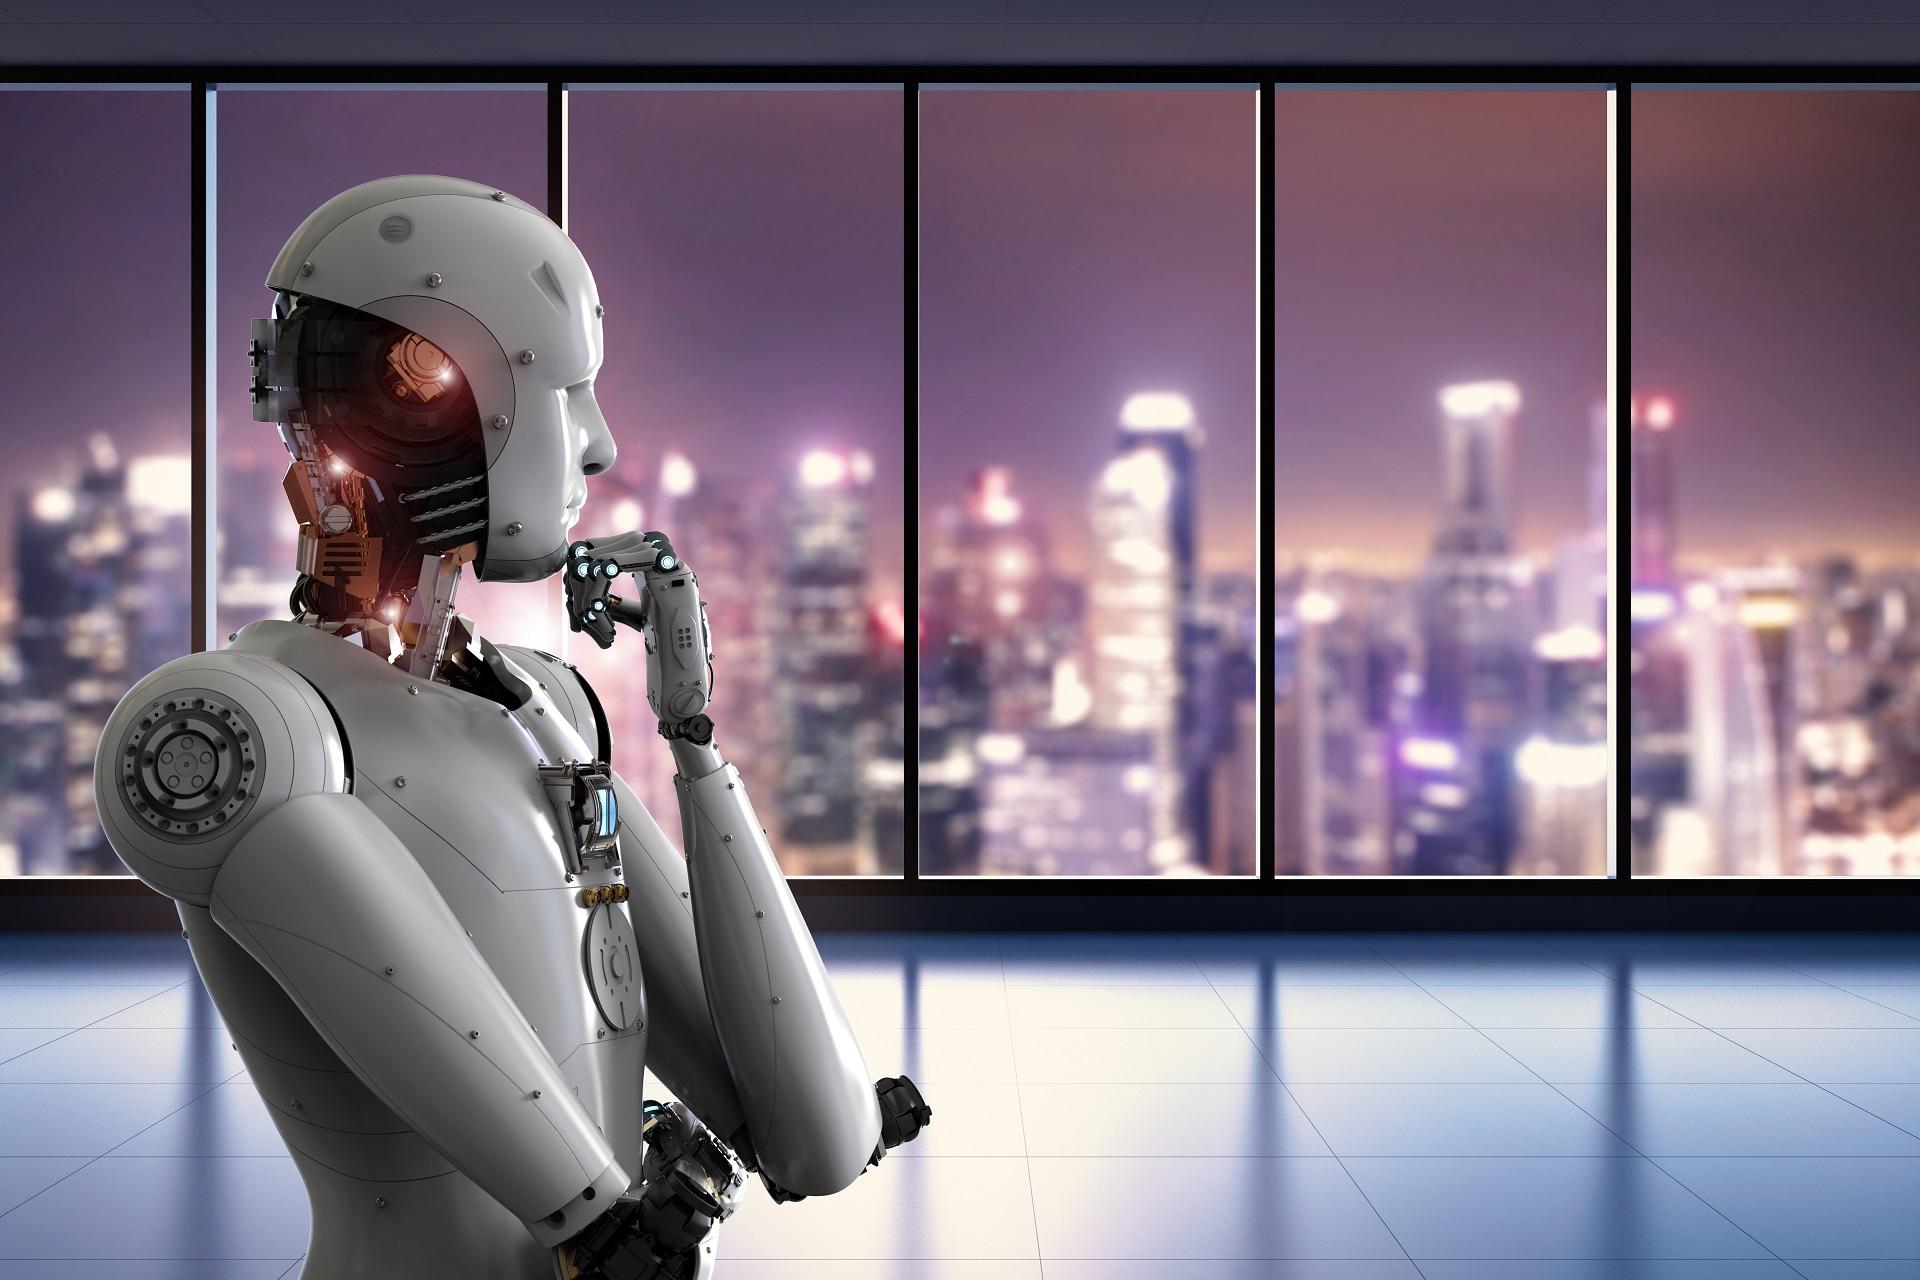 台北市電腦公會課程  AI人工智慧實務特訓班